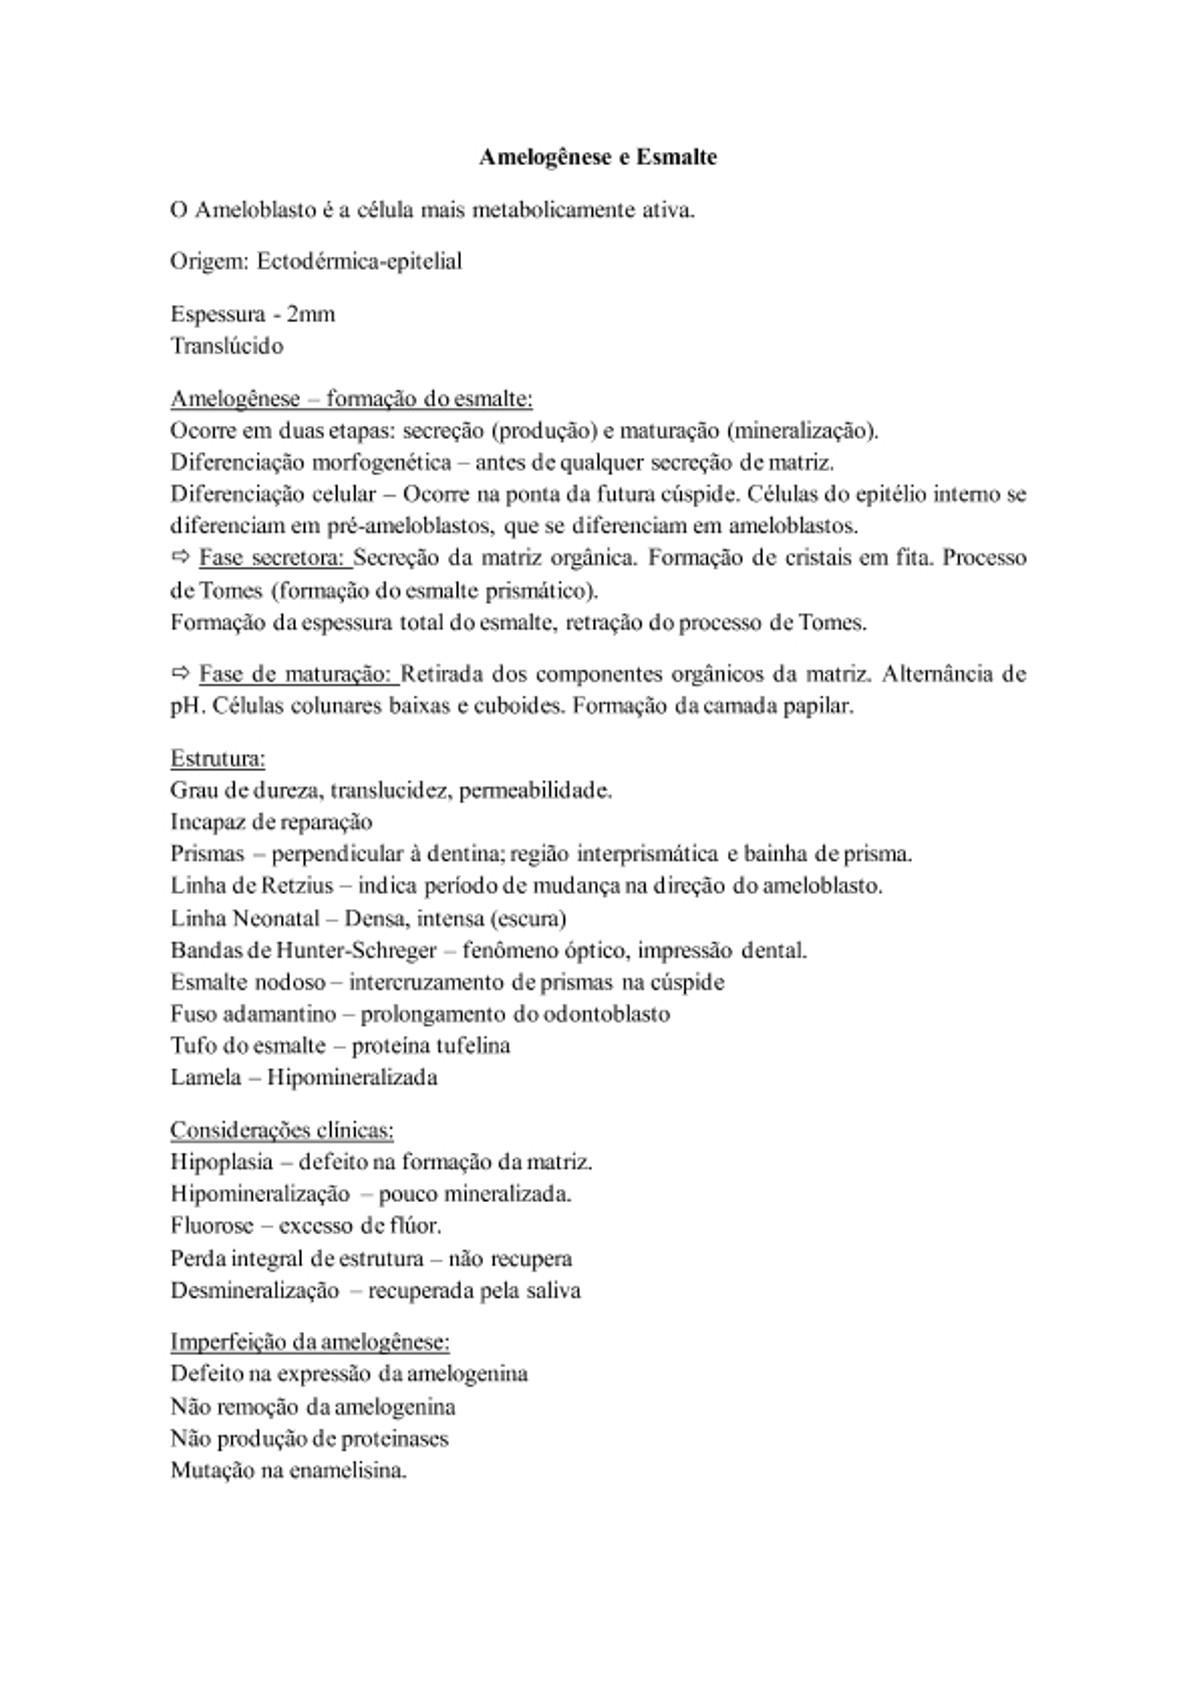 Pre-visualização do material Amelogênese e Esmalte - página 1